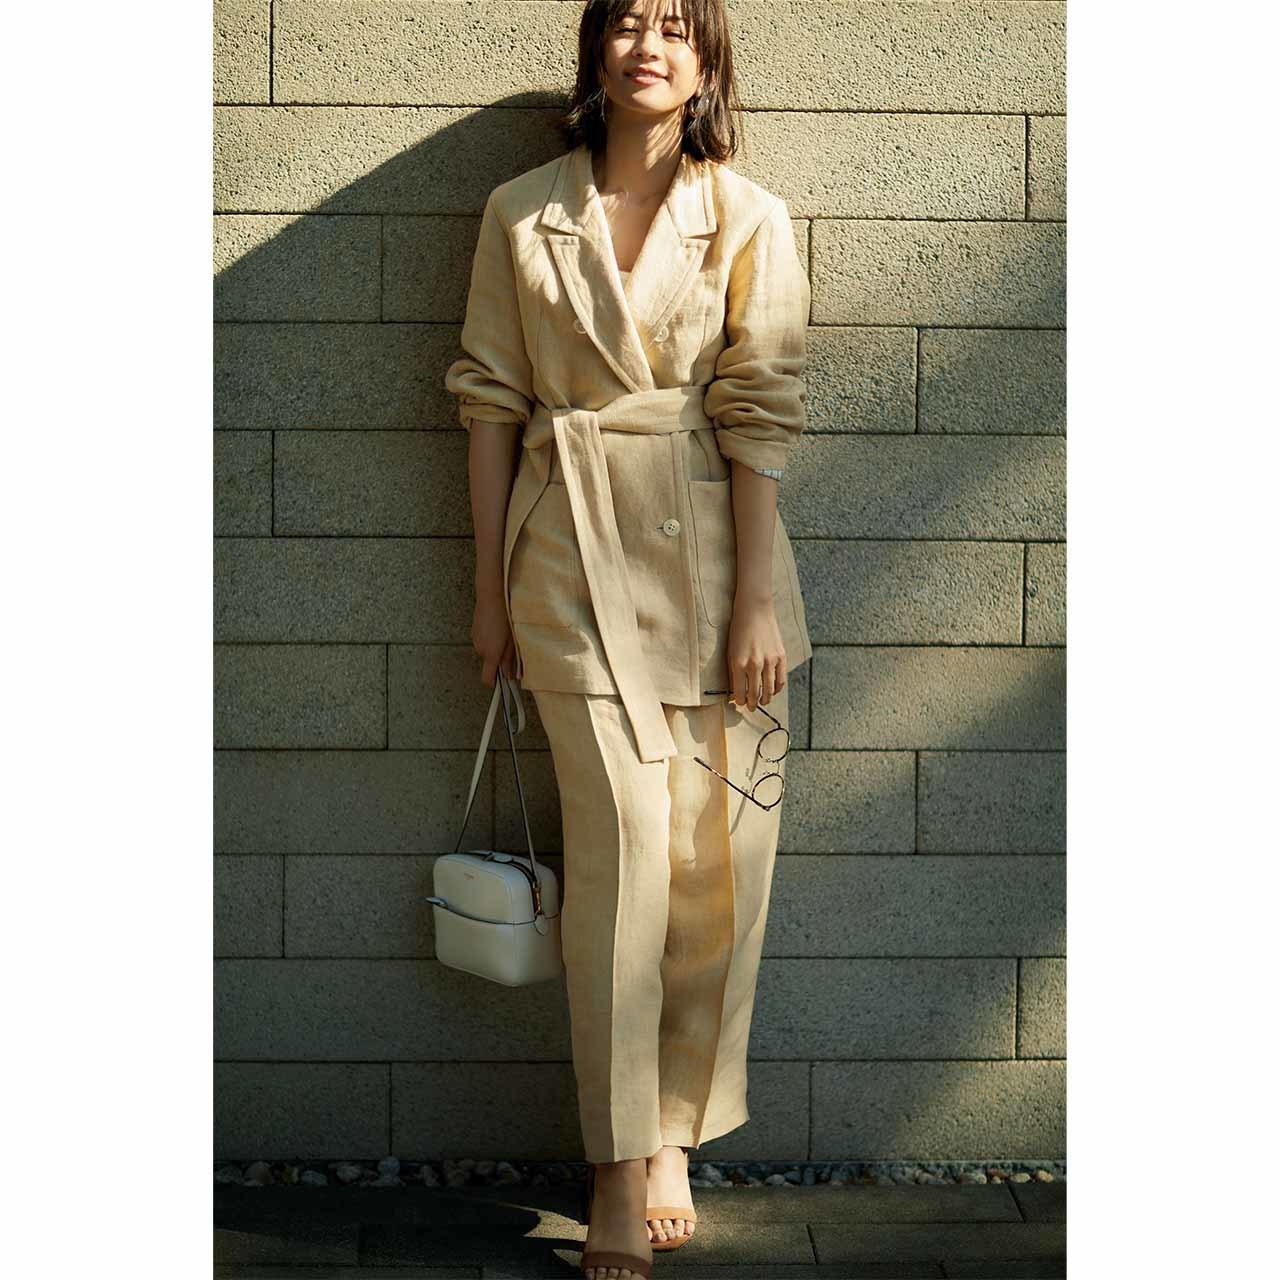 カオスのセットアップを着たモデルの高垣麗子さん